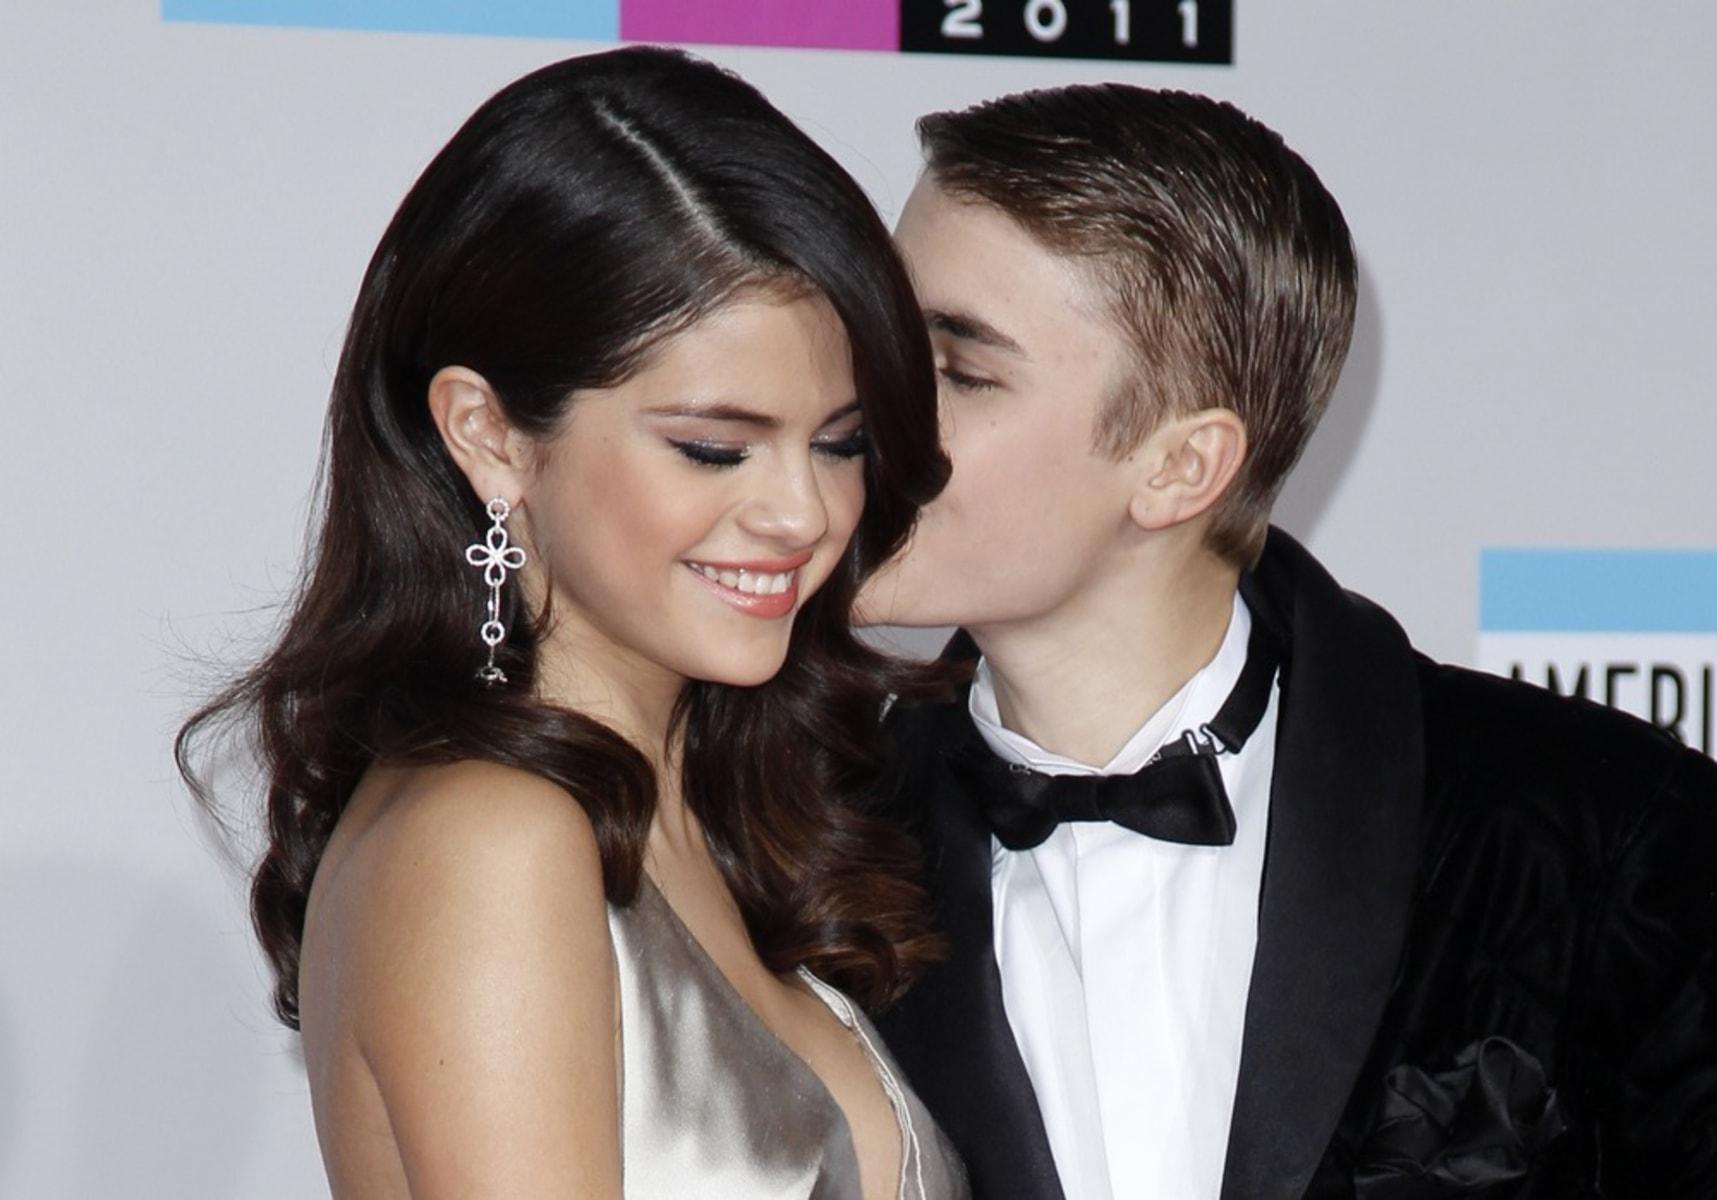 Image: Justin Bieber, Selena Gomez